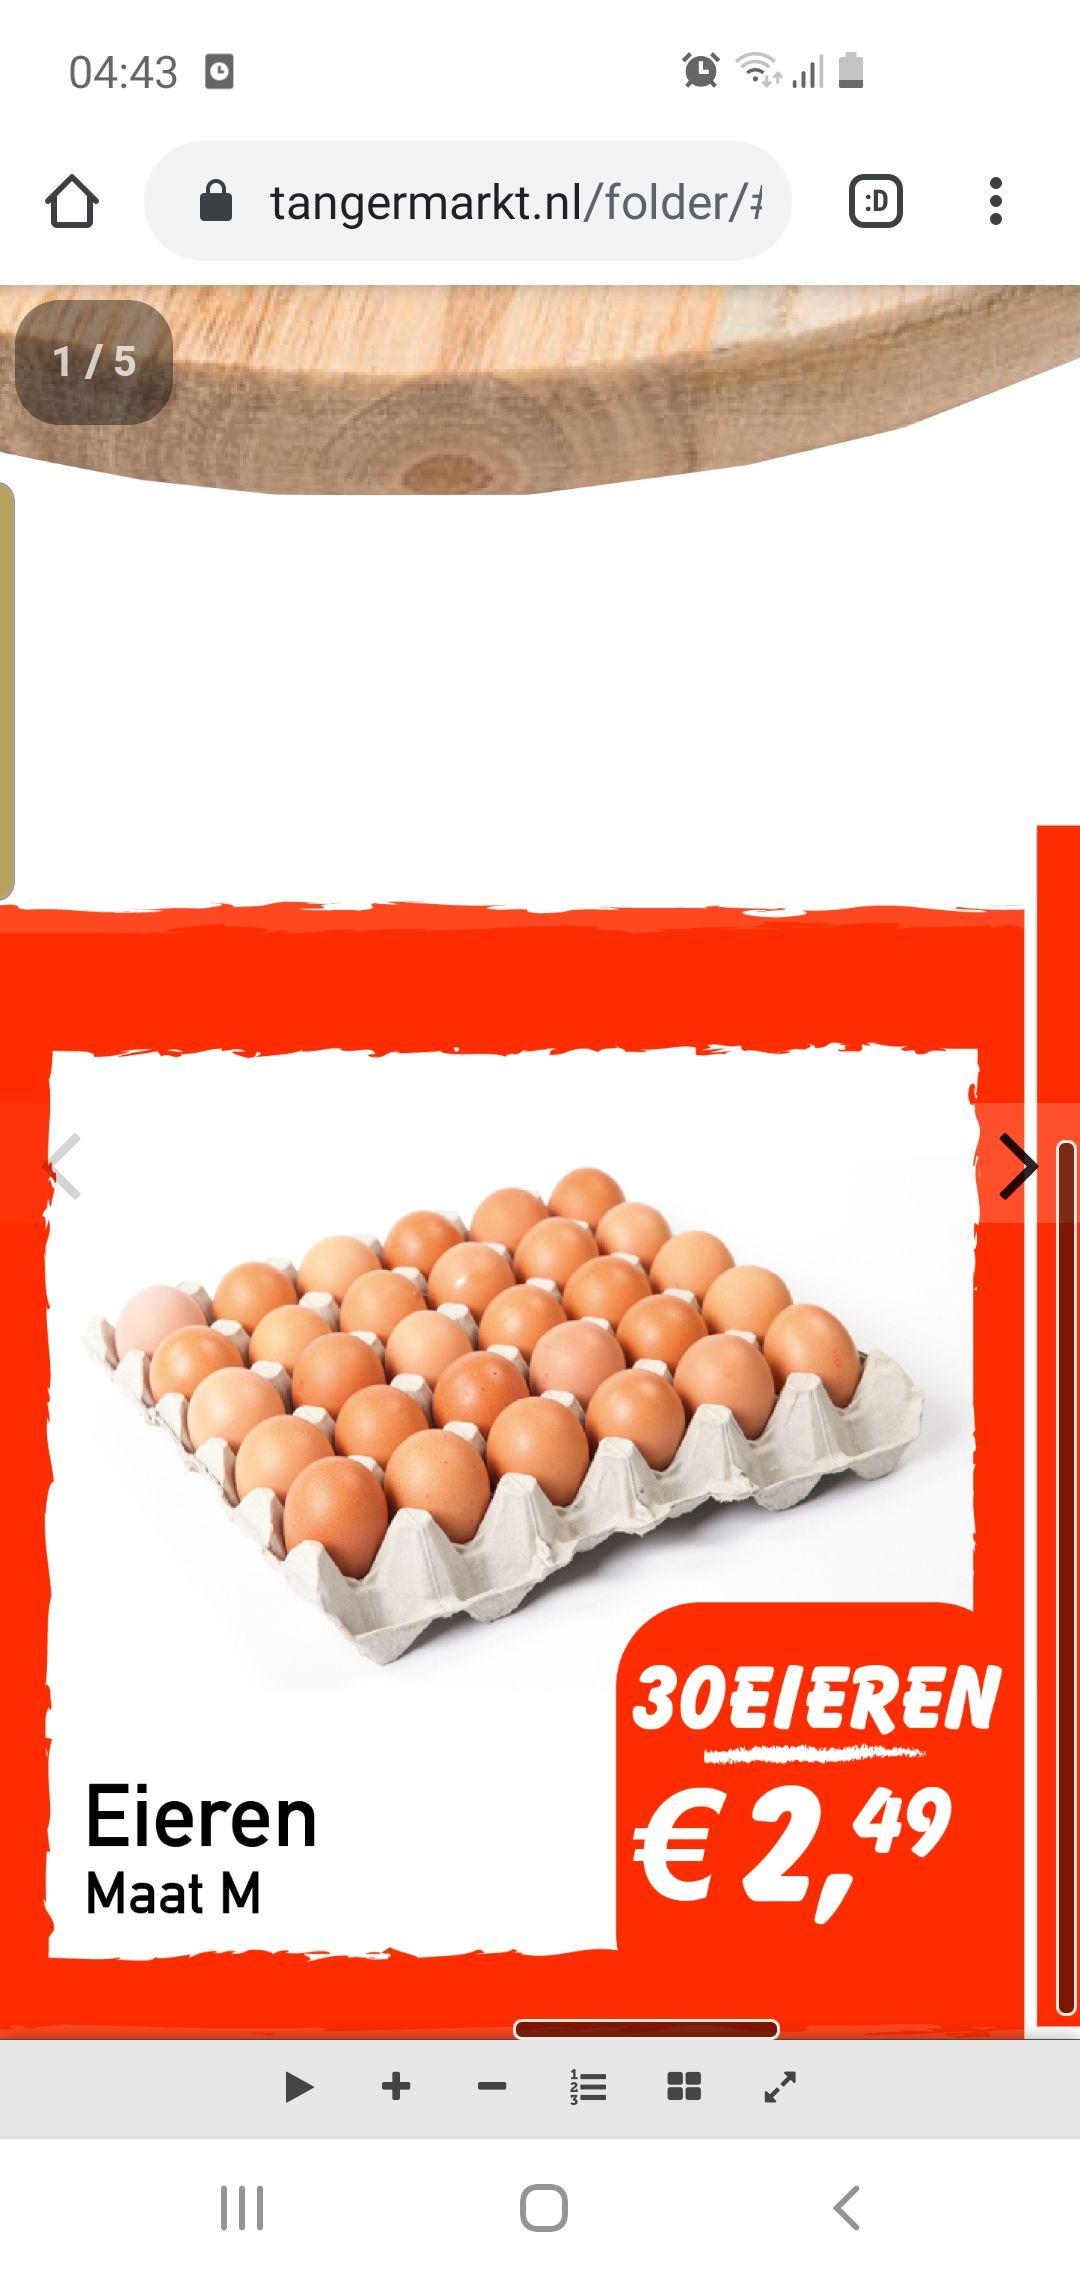 [Lokaal] 30 eieren maat M @ Tanger supermarkt